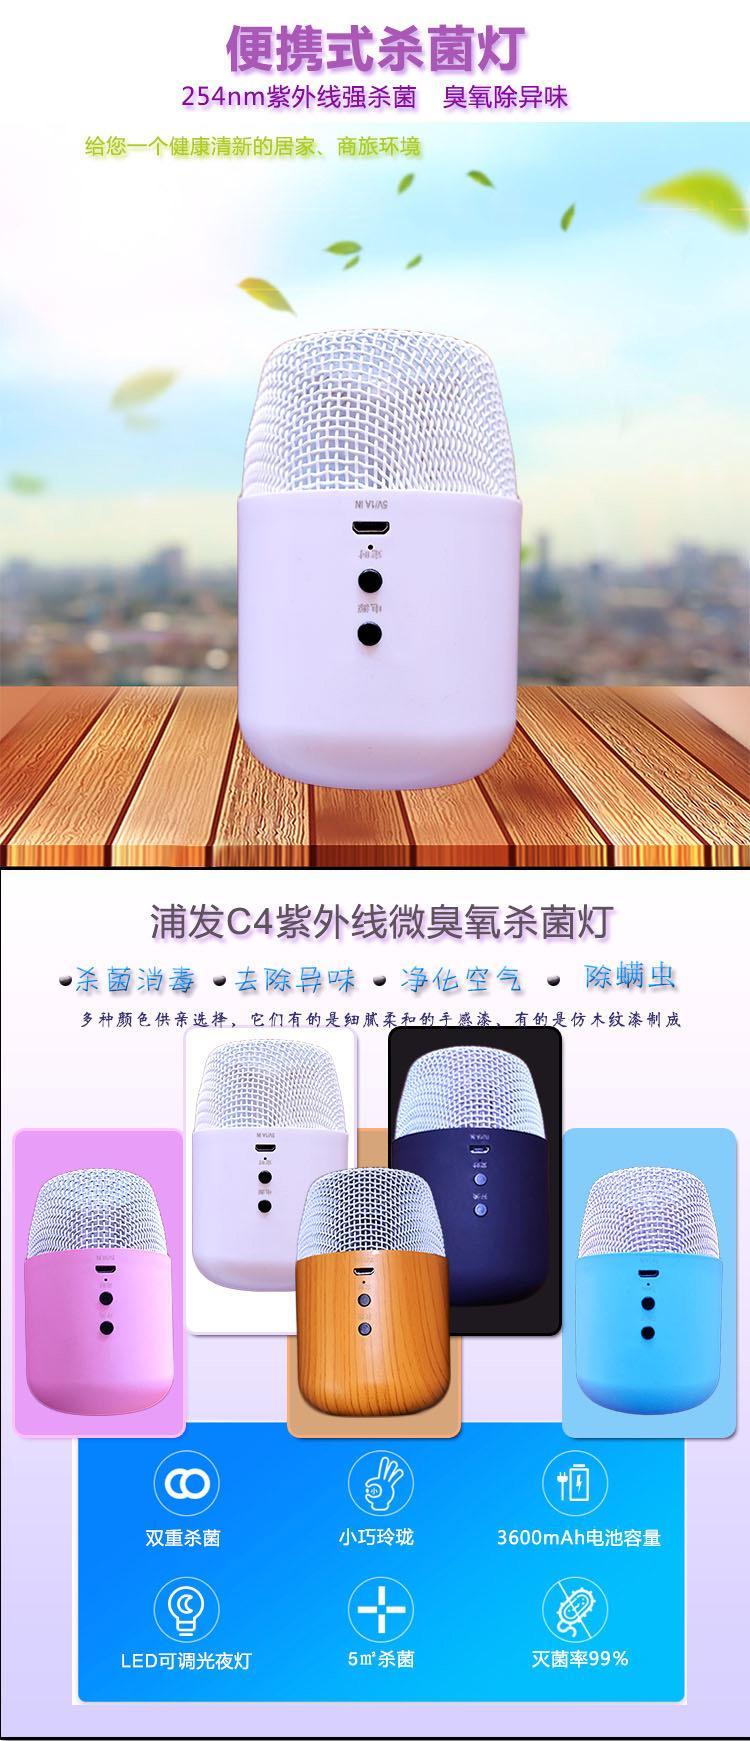 便攜紫外線家用廚房衛生間衣櫃冰箱汽車用臭氧紫外線滅菌燈 1